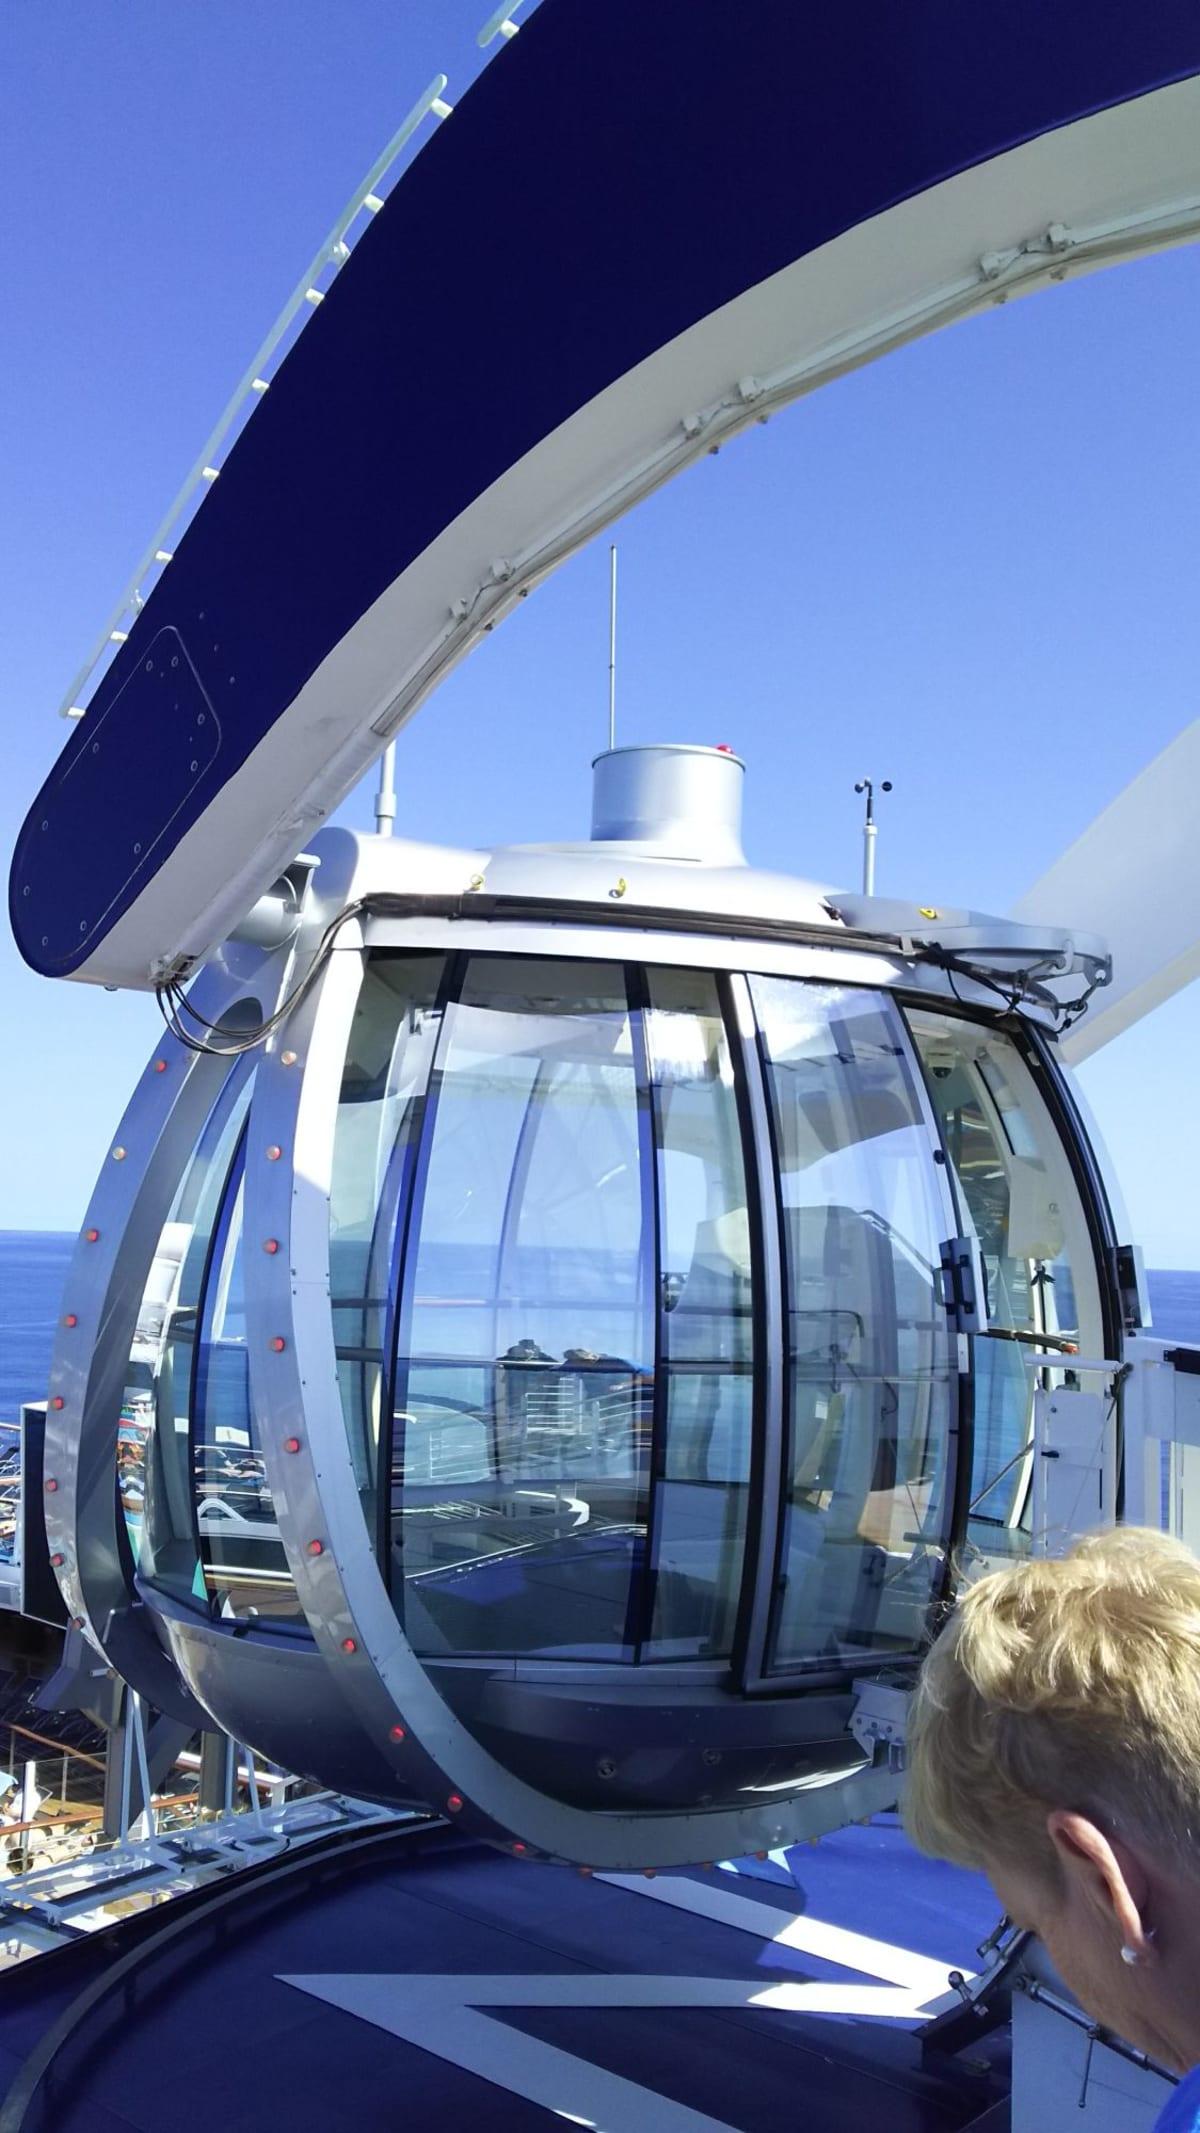 NorthStar乗りました | 客船オベーション・オブ・ザ・シーズのアクティビティ、船内施設